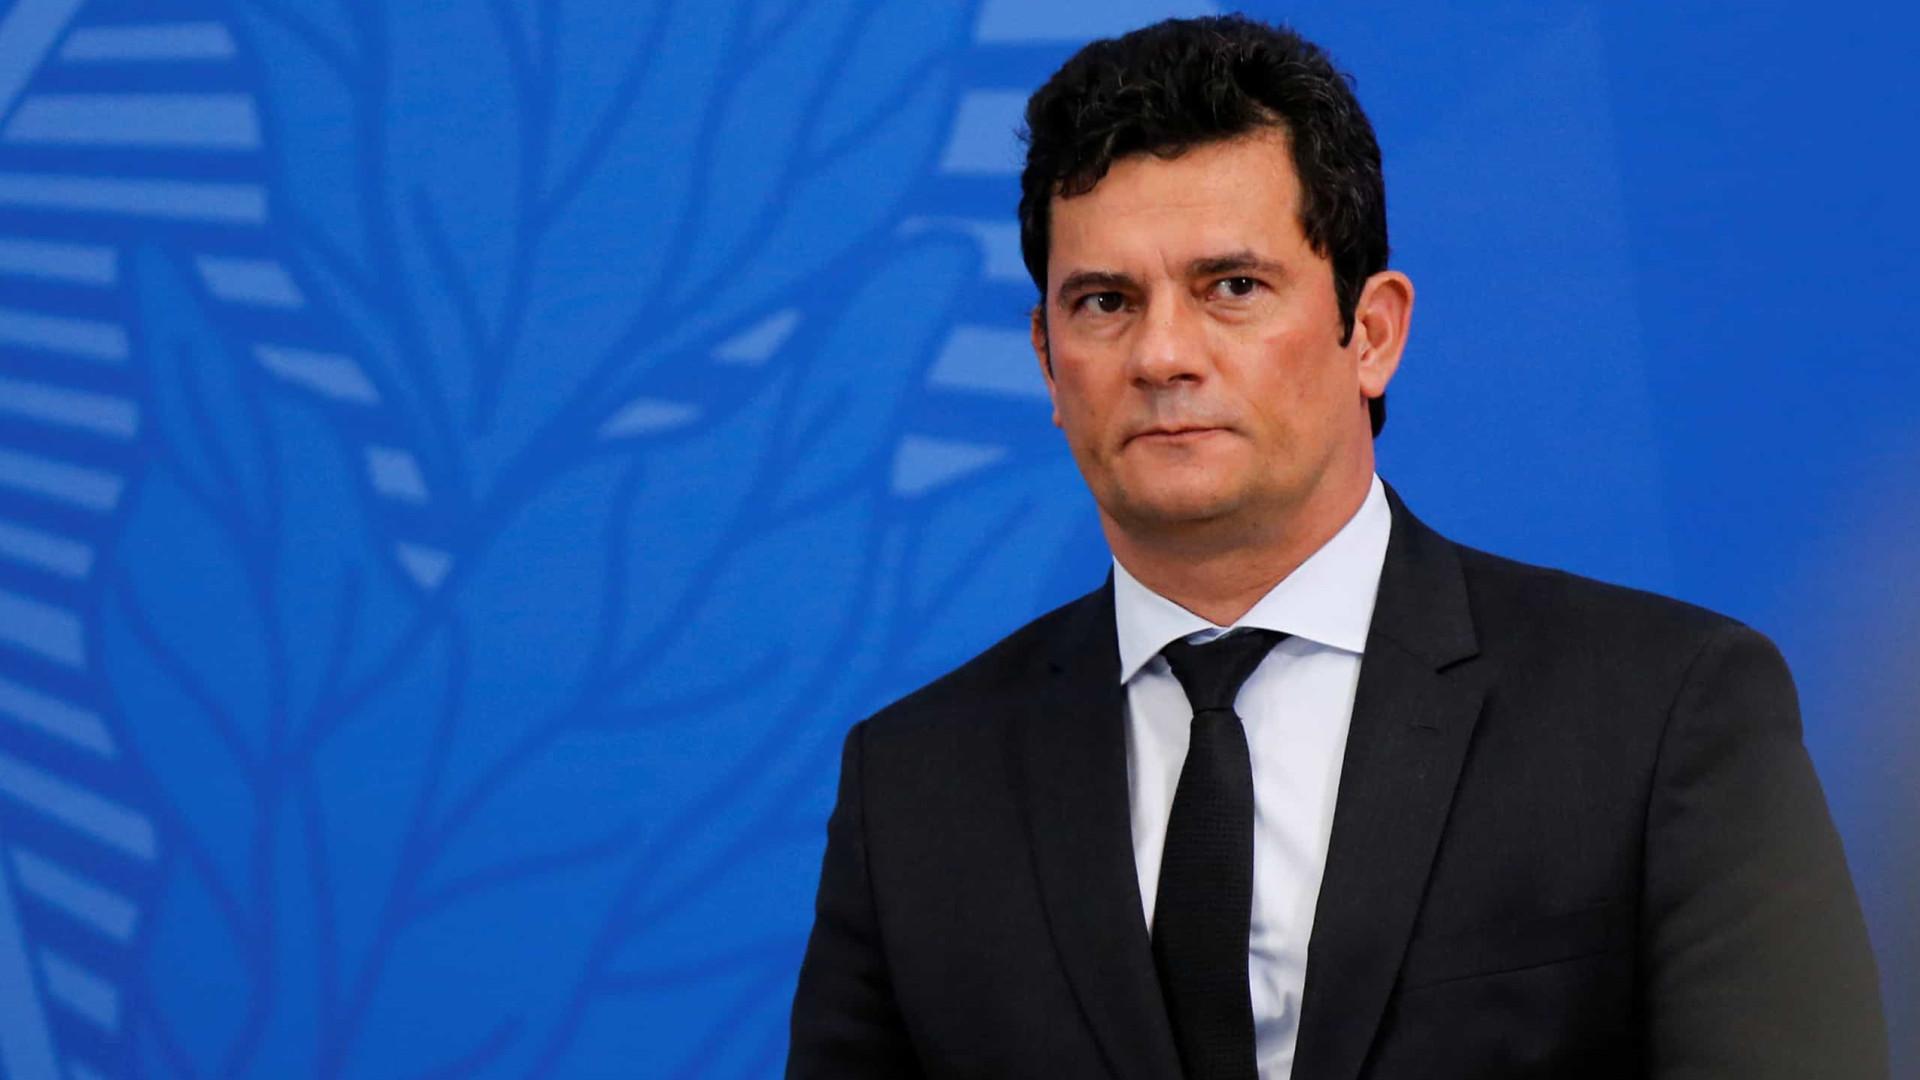 Sergio Moro, o juiz da Lava Jato, anuncia sua demissão do governo